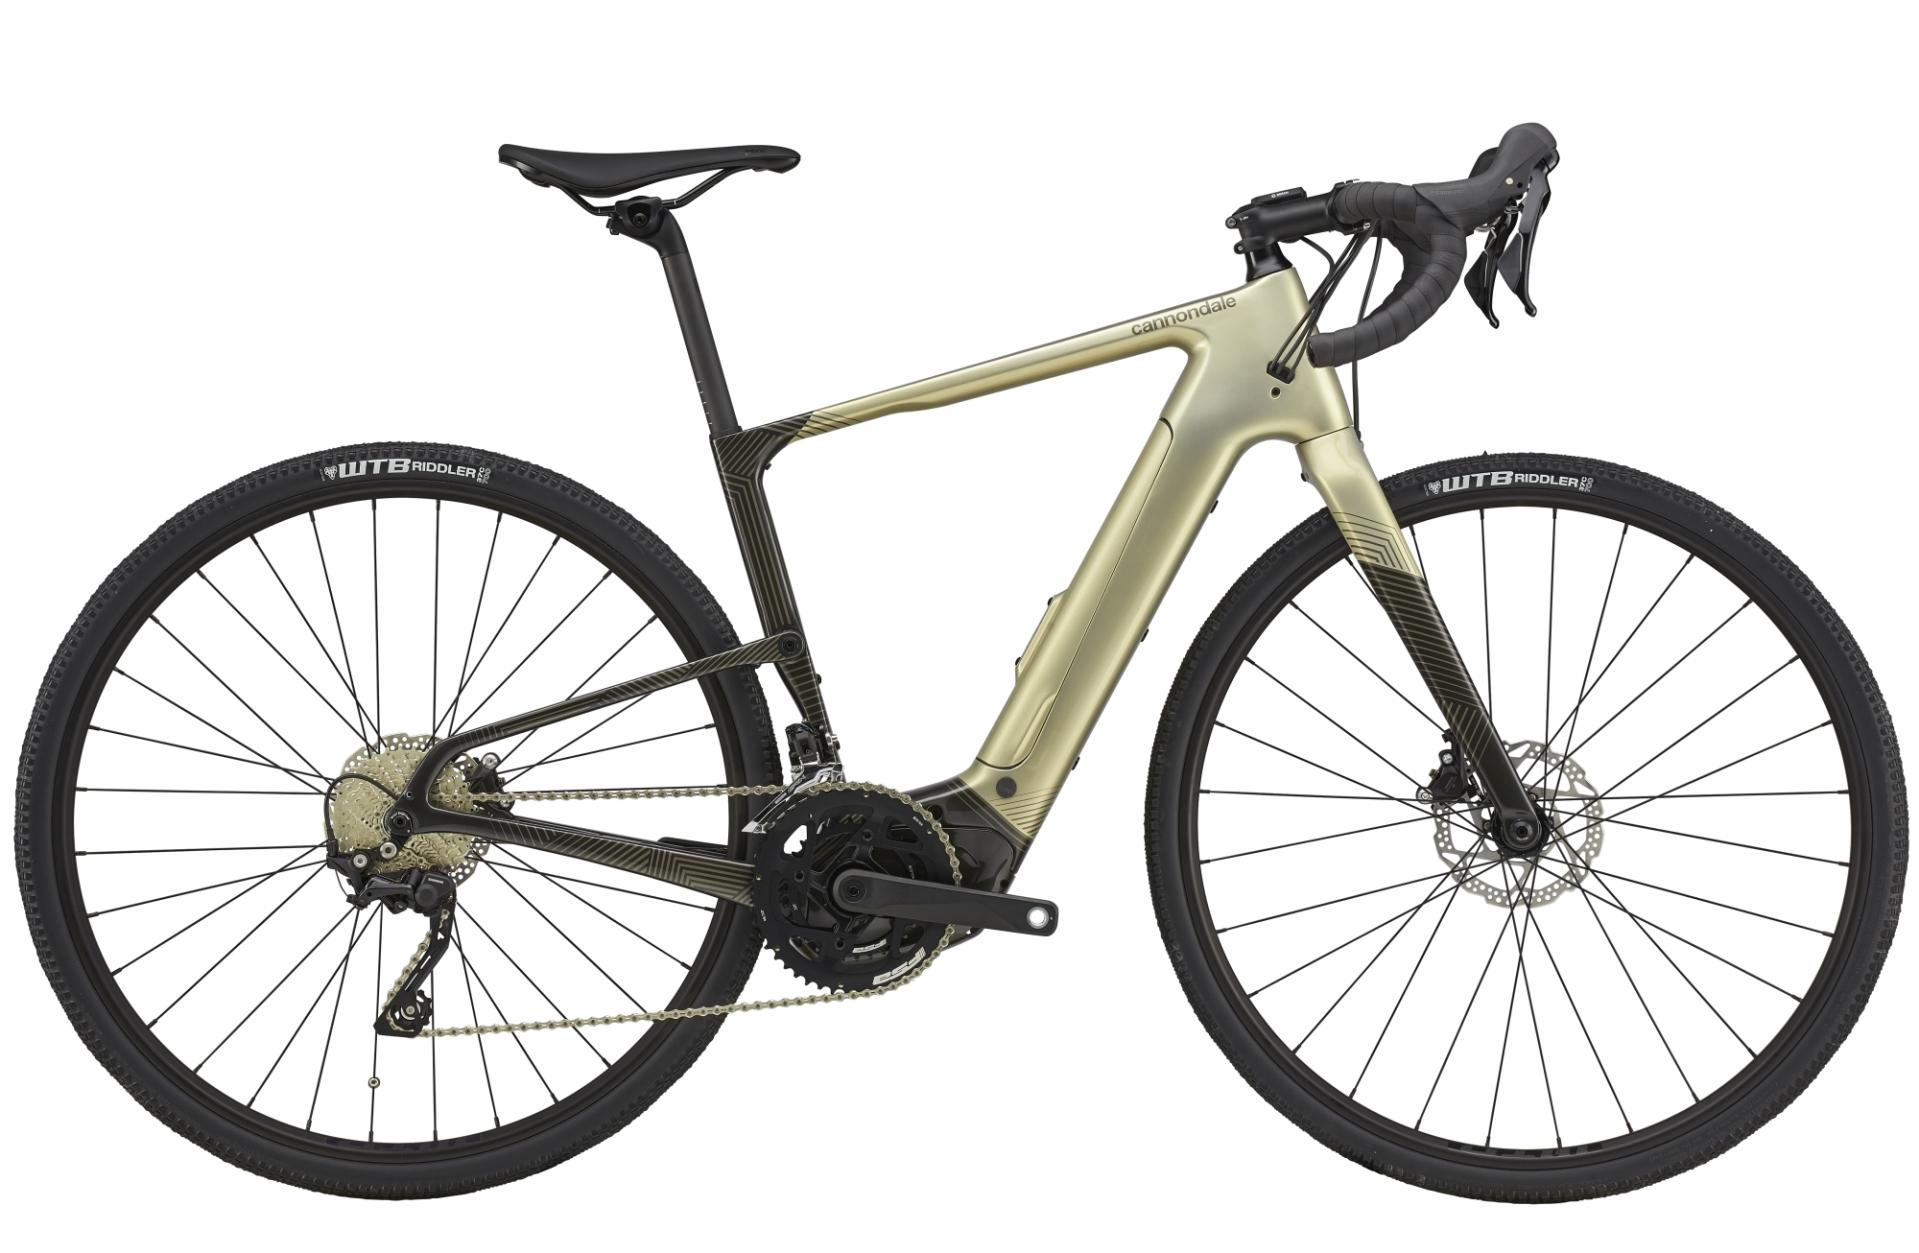 Cannondale Topstone Neo Carbon 4 pedelec gravel kerékpár - S (2021)